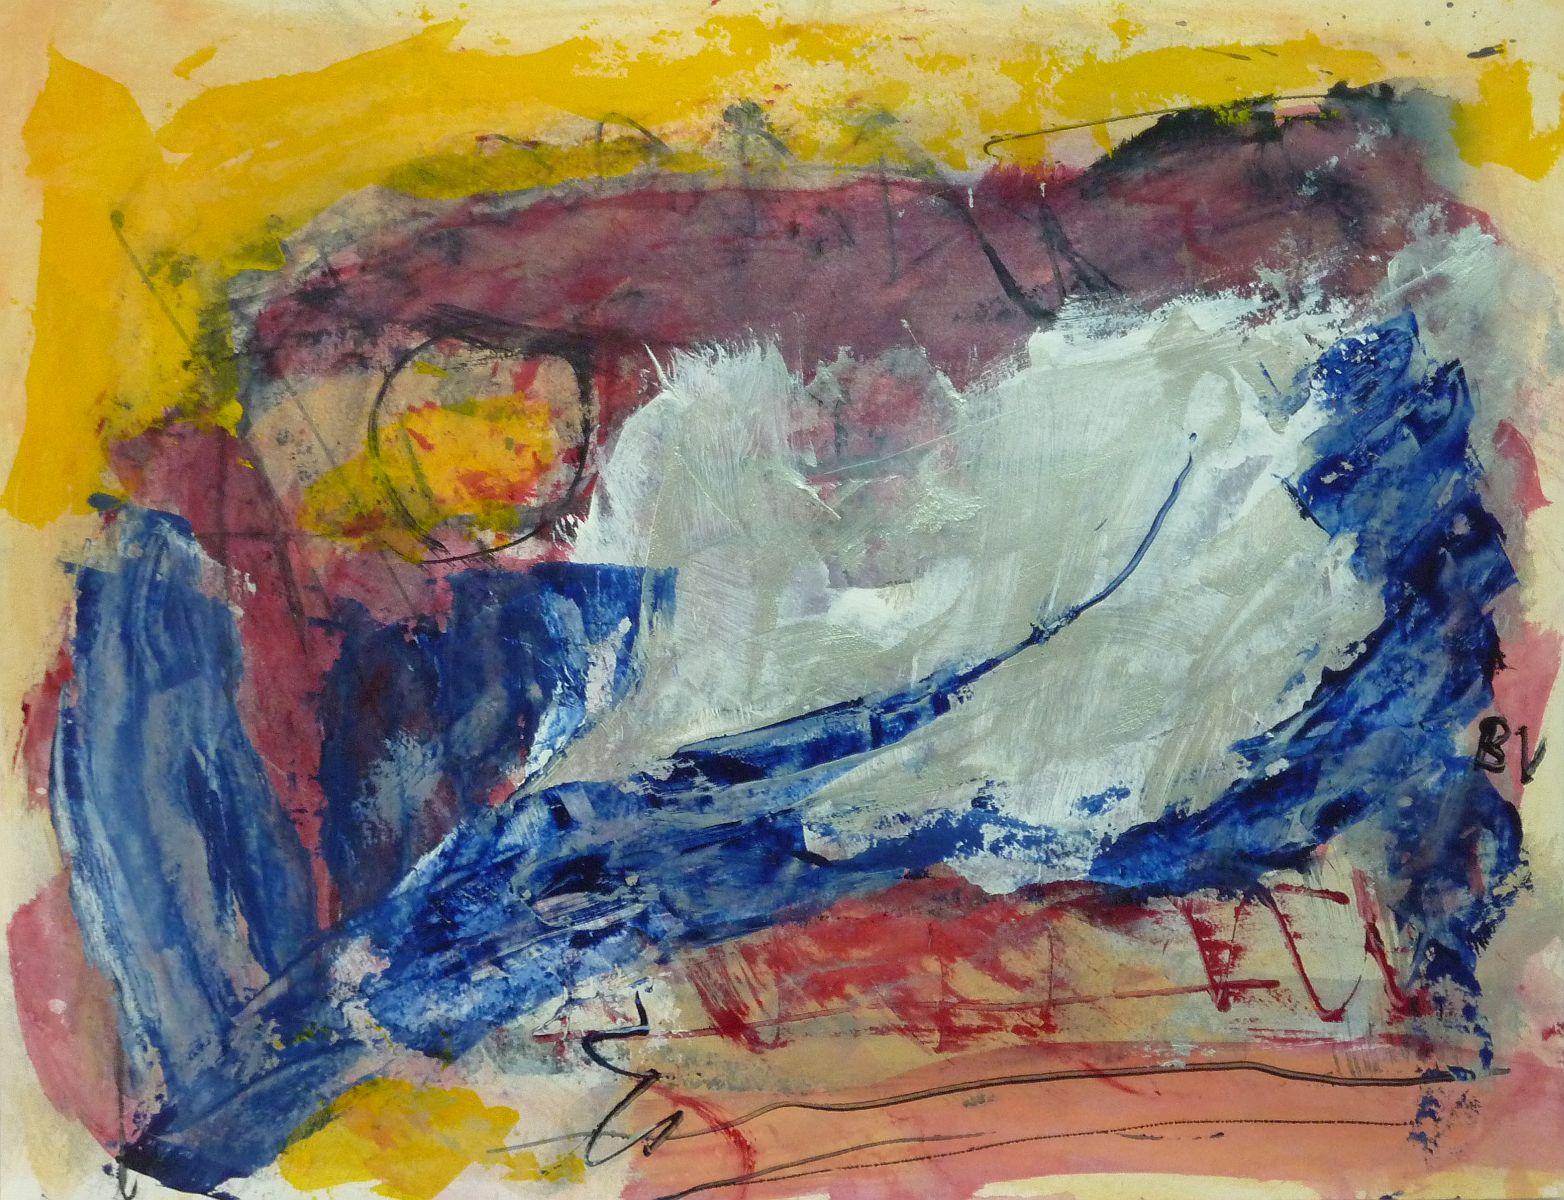 Lyrisch abstract – acryl op papier – 2013